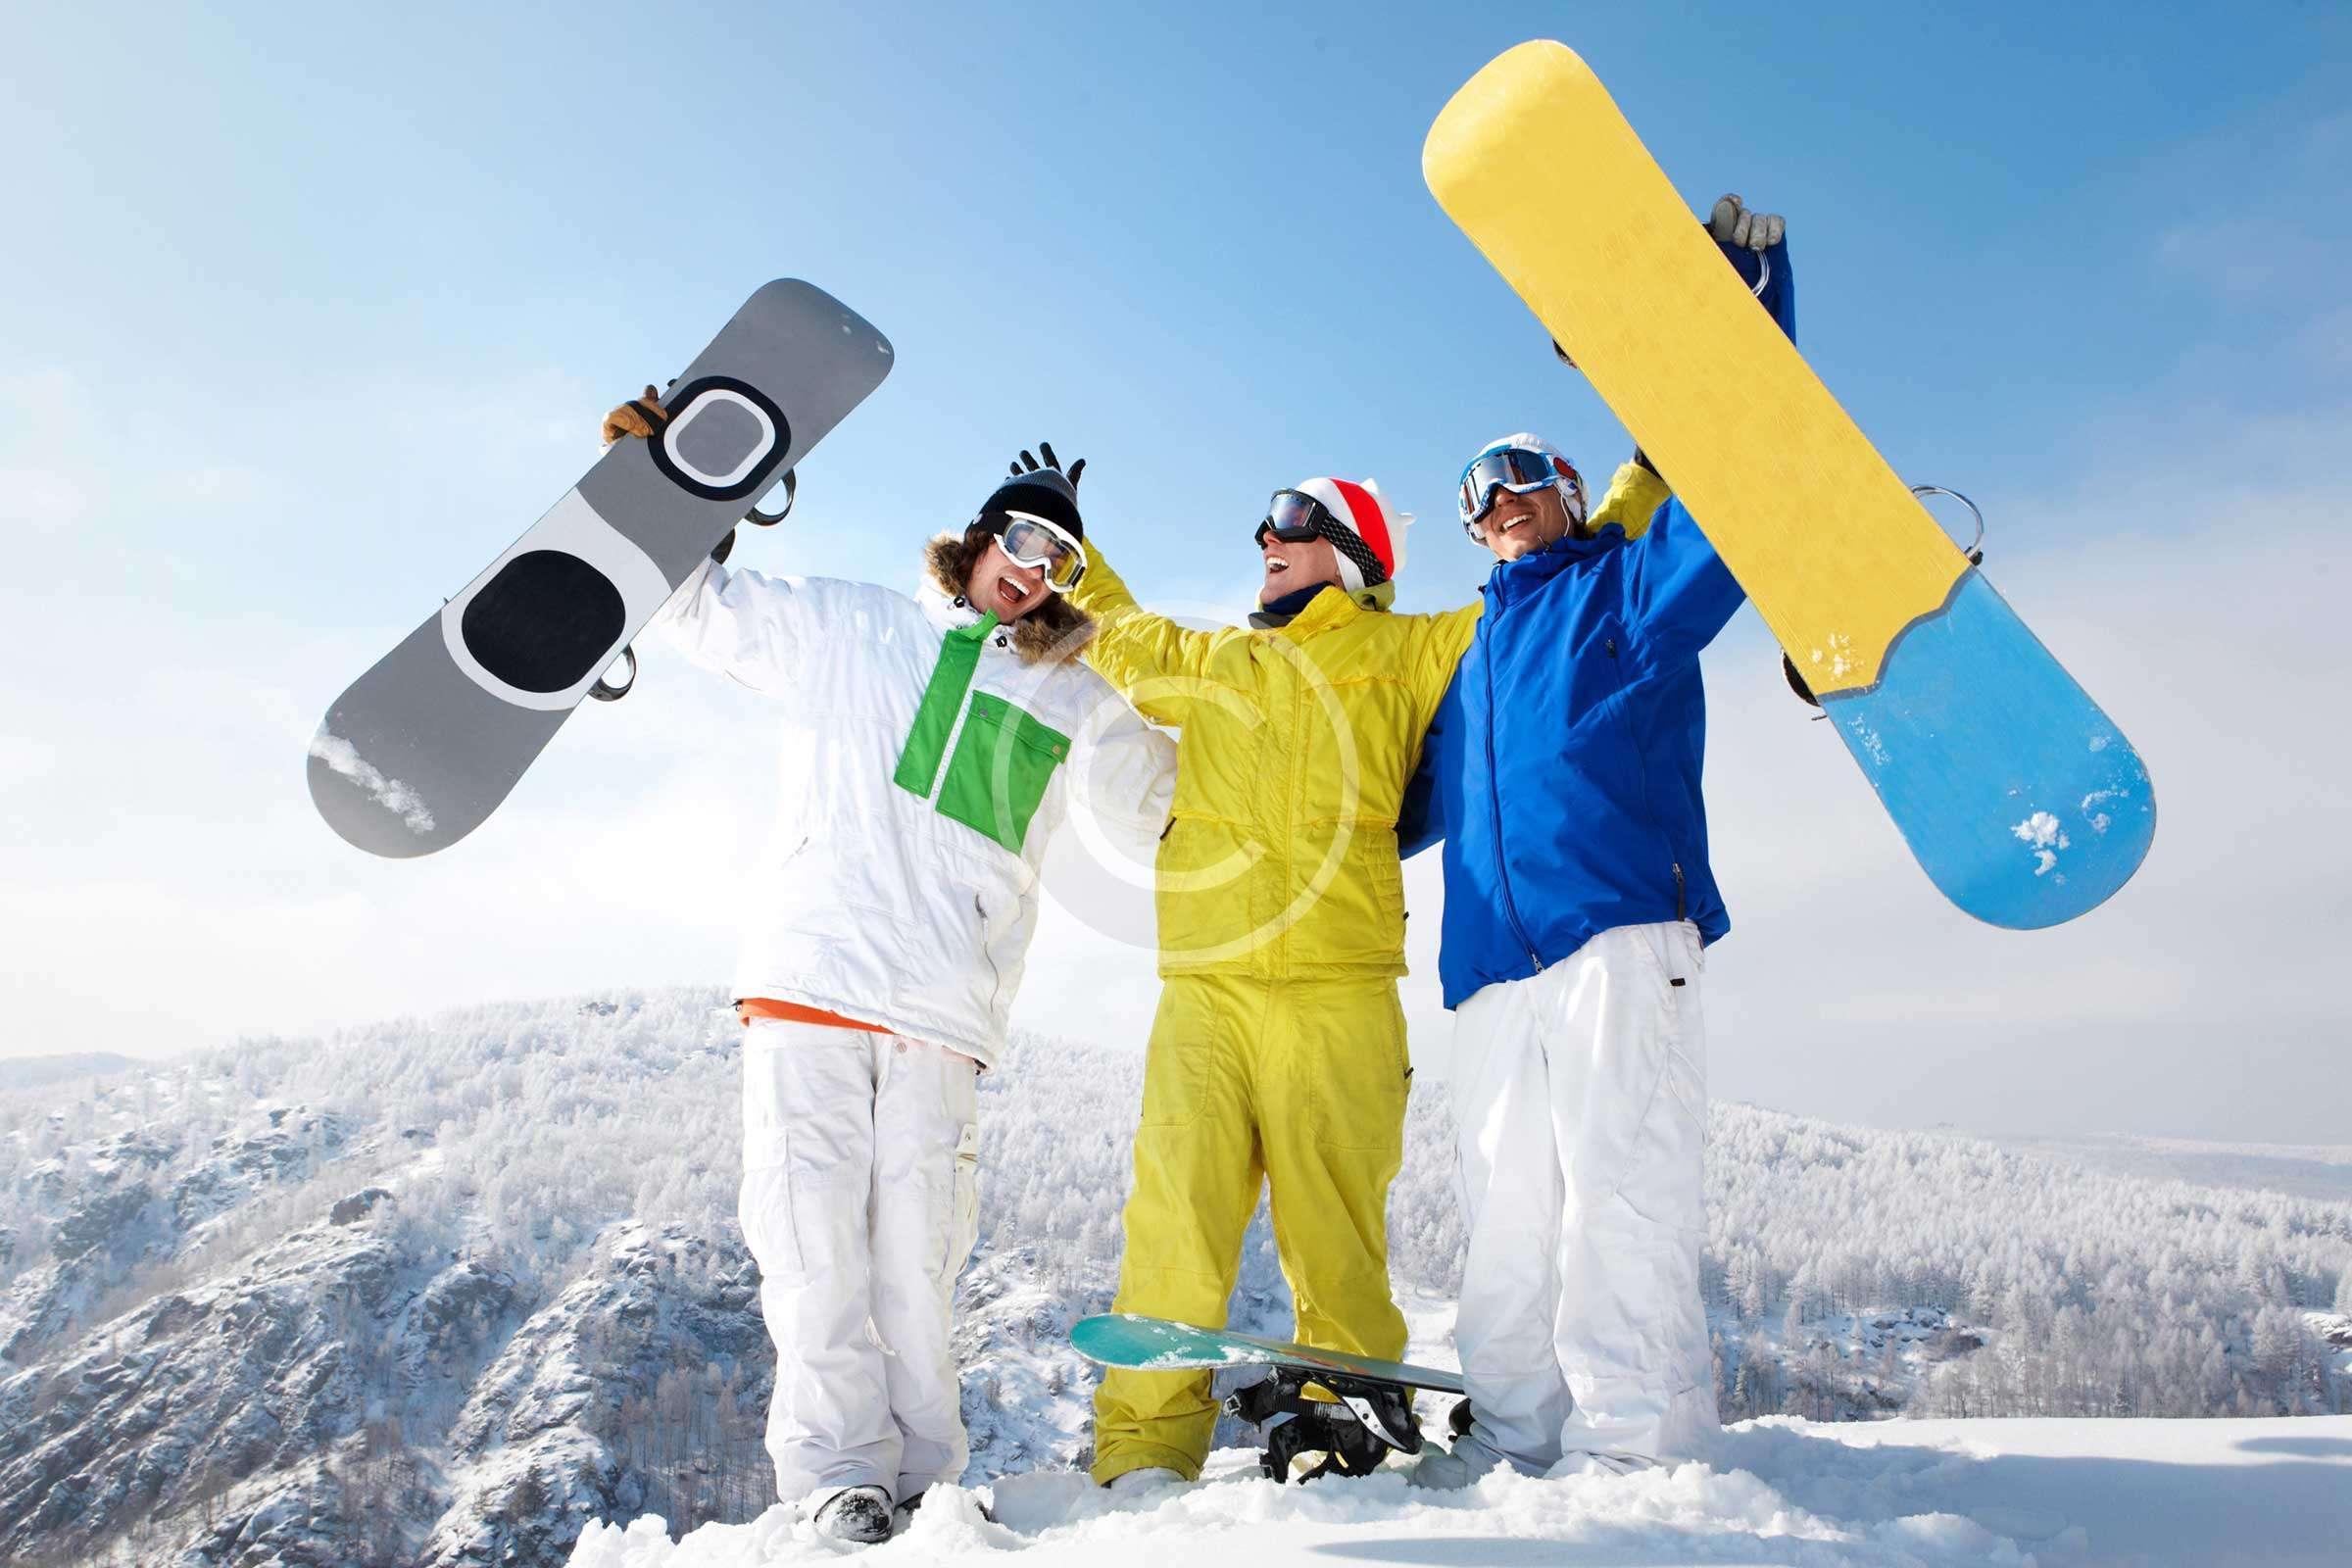 Elenco dei Tricks dei nostri campioni di snowboard